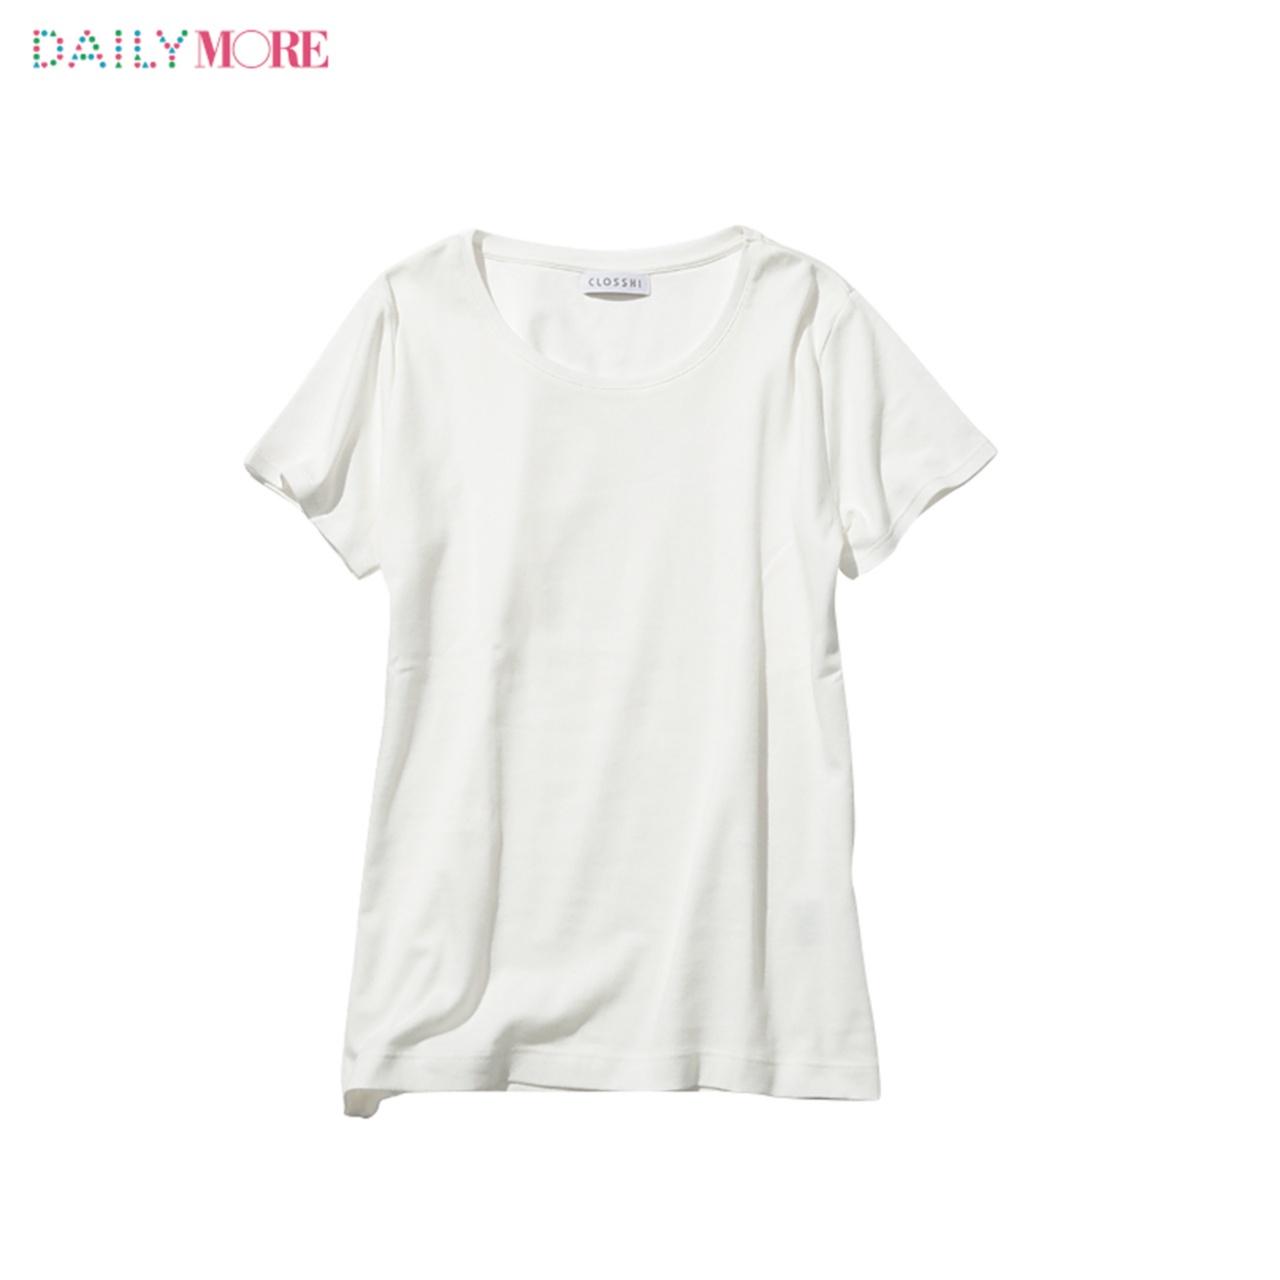 【ユニクロ・GU・しまむら】3大プチプラブランドの「白Tシャツ」、MOREがくらべてみました_2_2